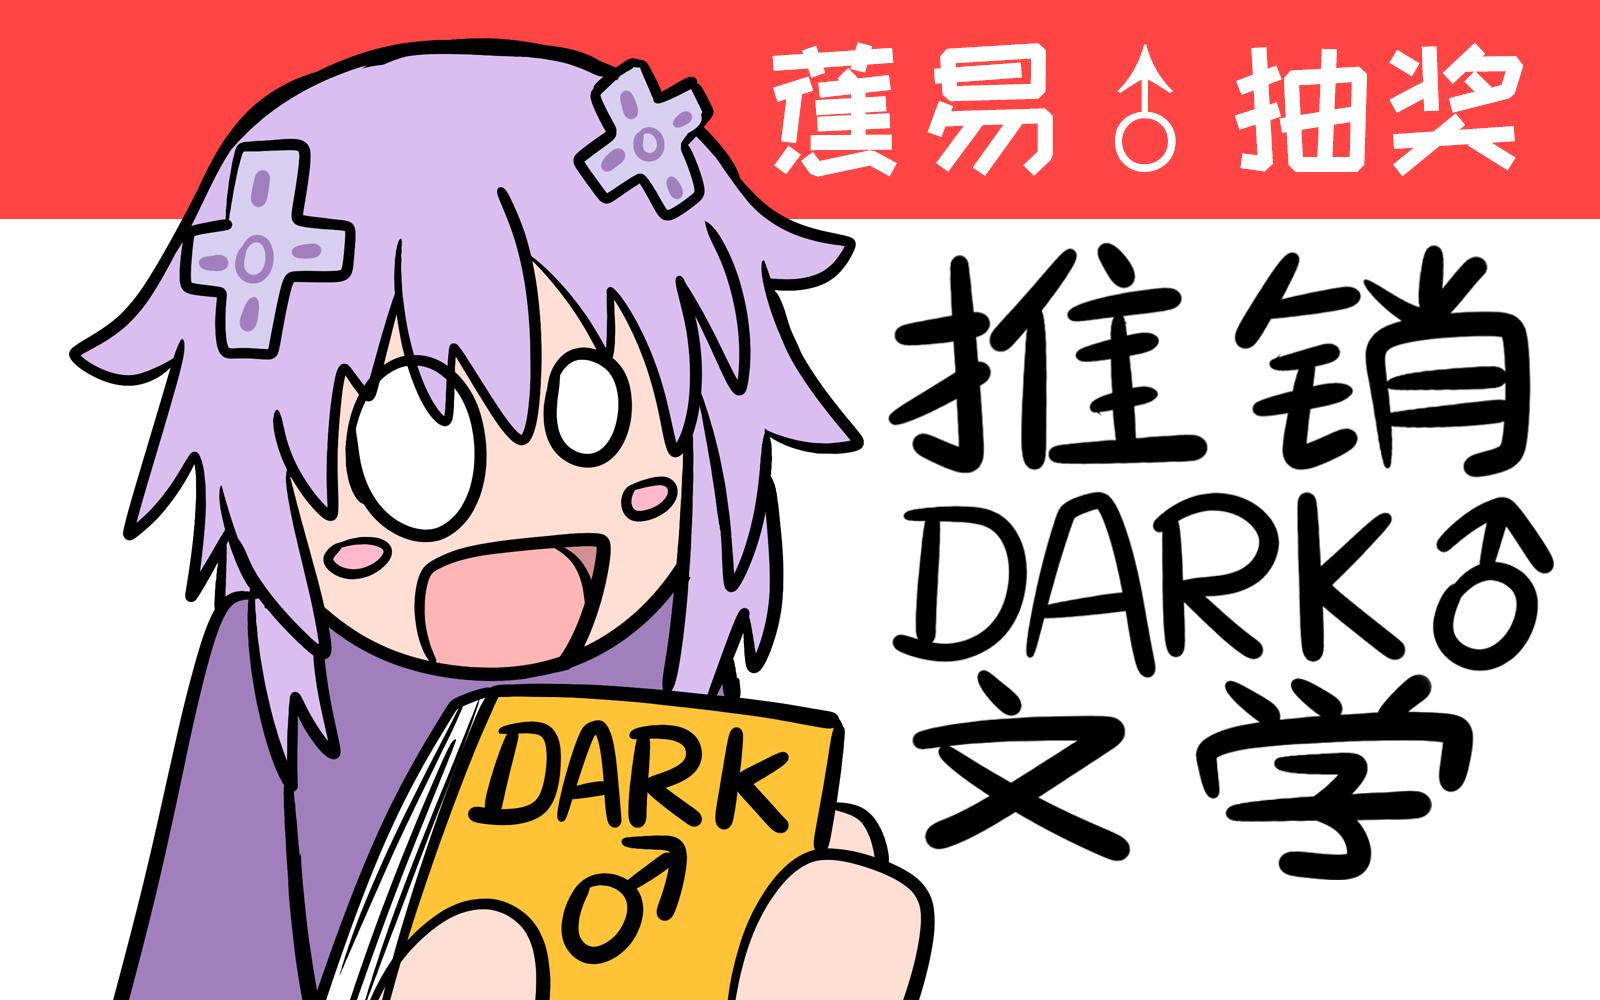 魔法!是黑暗美学?还是中二病?